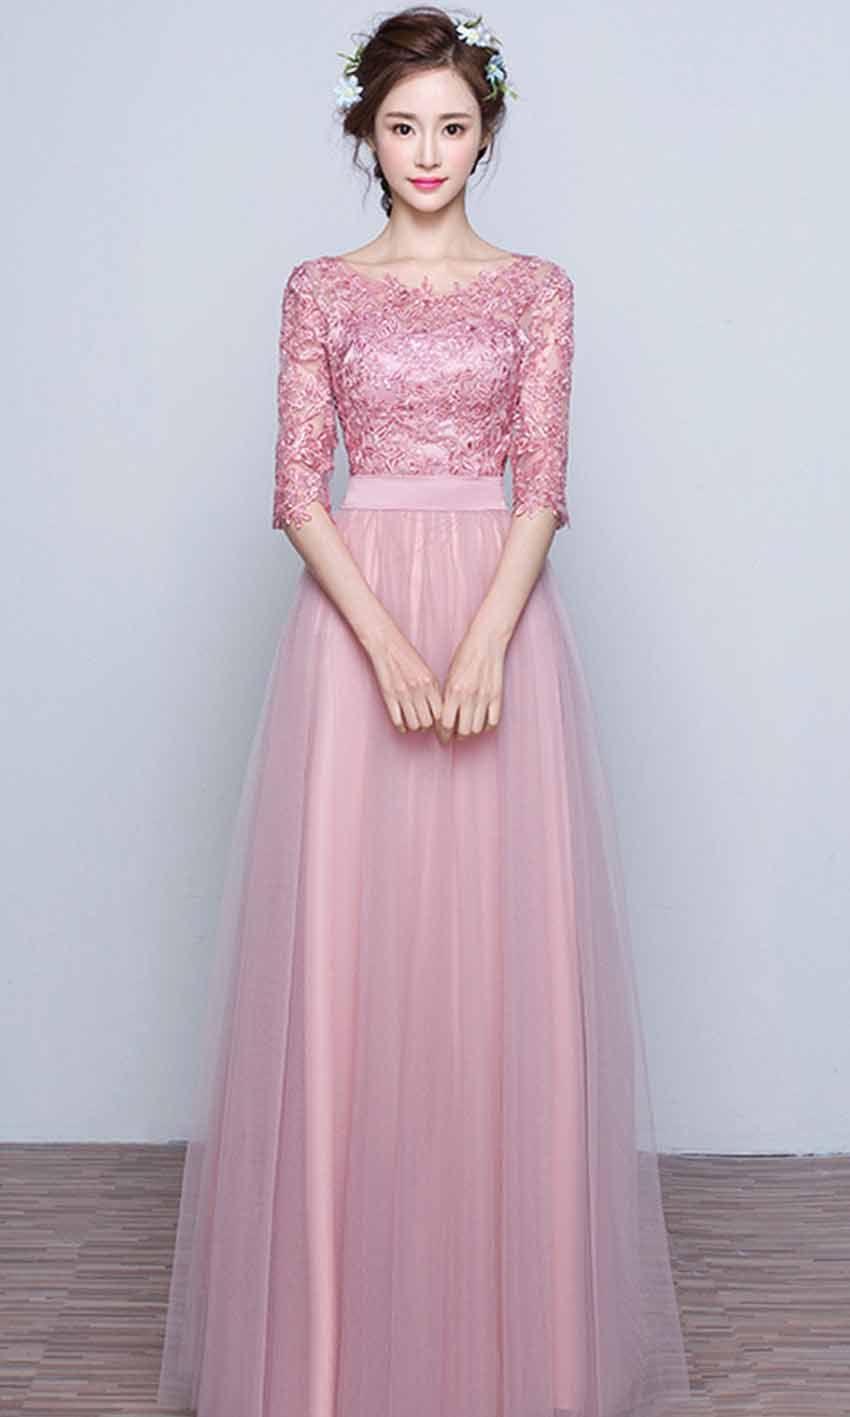 3b09cc5ec134a Pink Applique Bateau Half Sleeves Prom Dresses Long KSP473 | dresses ...